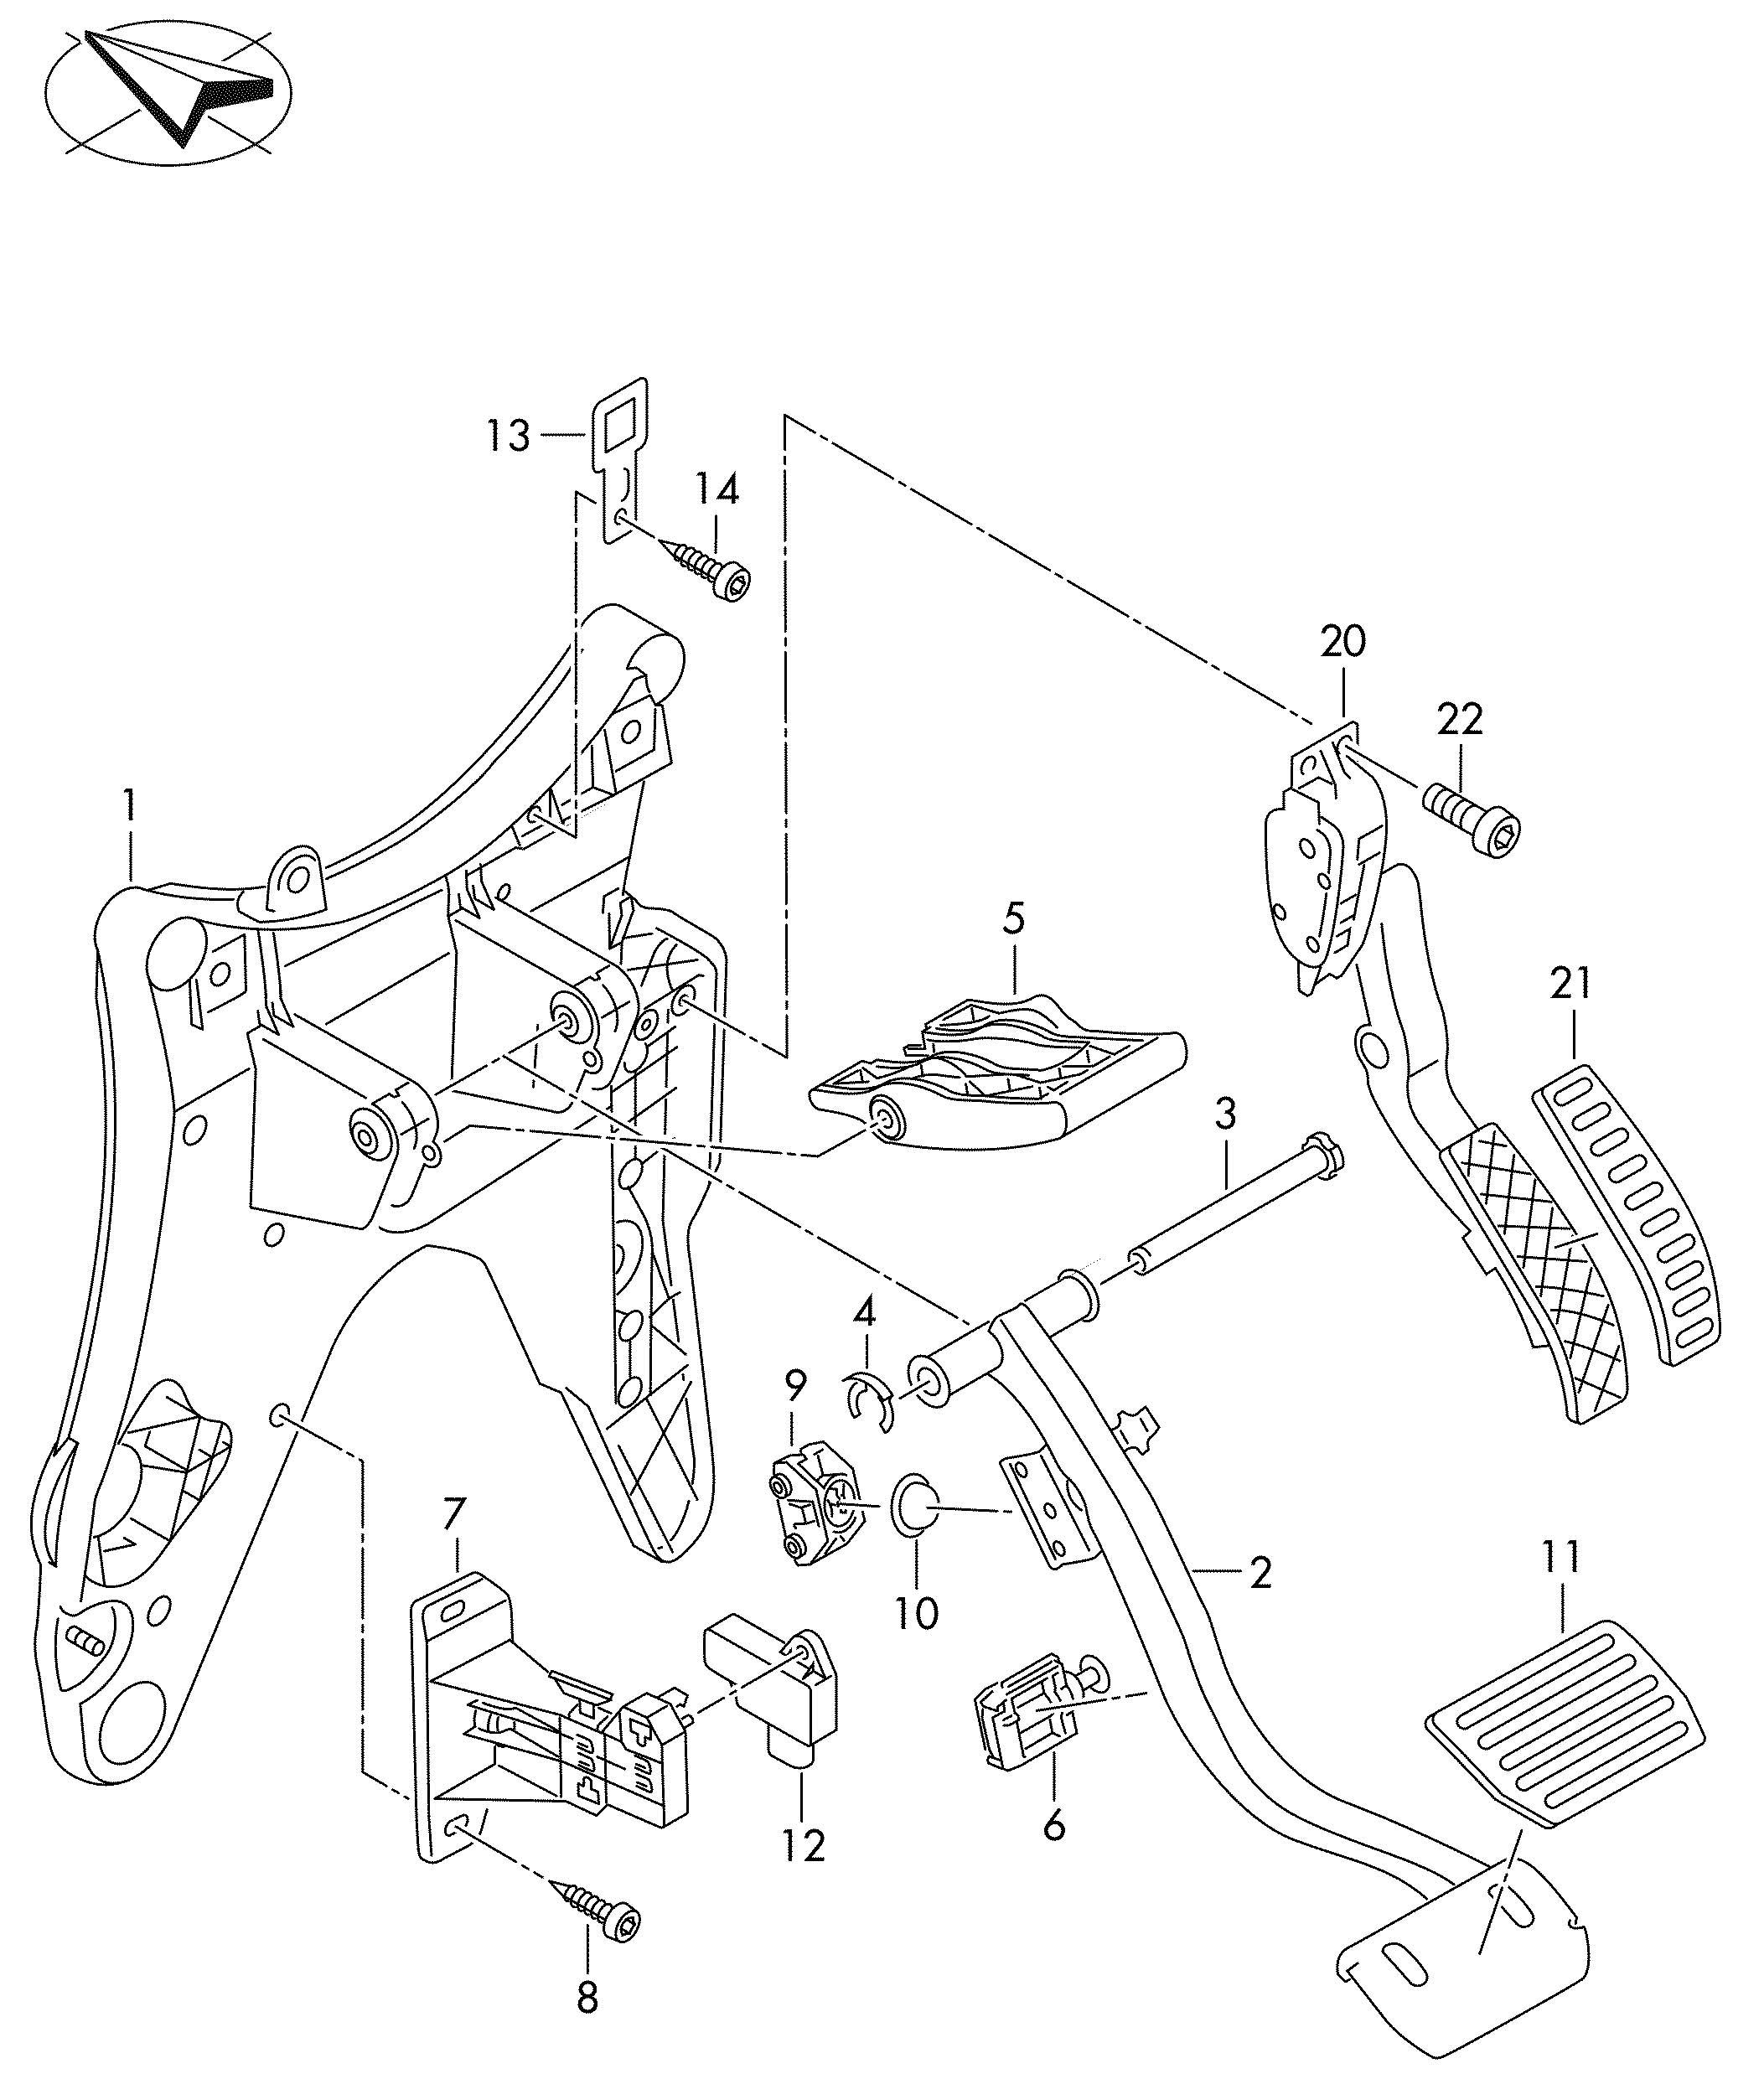 Jettum 2 0 Engine Diagram